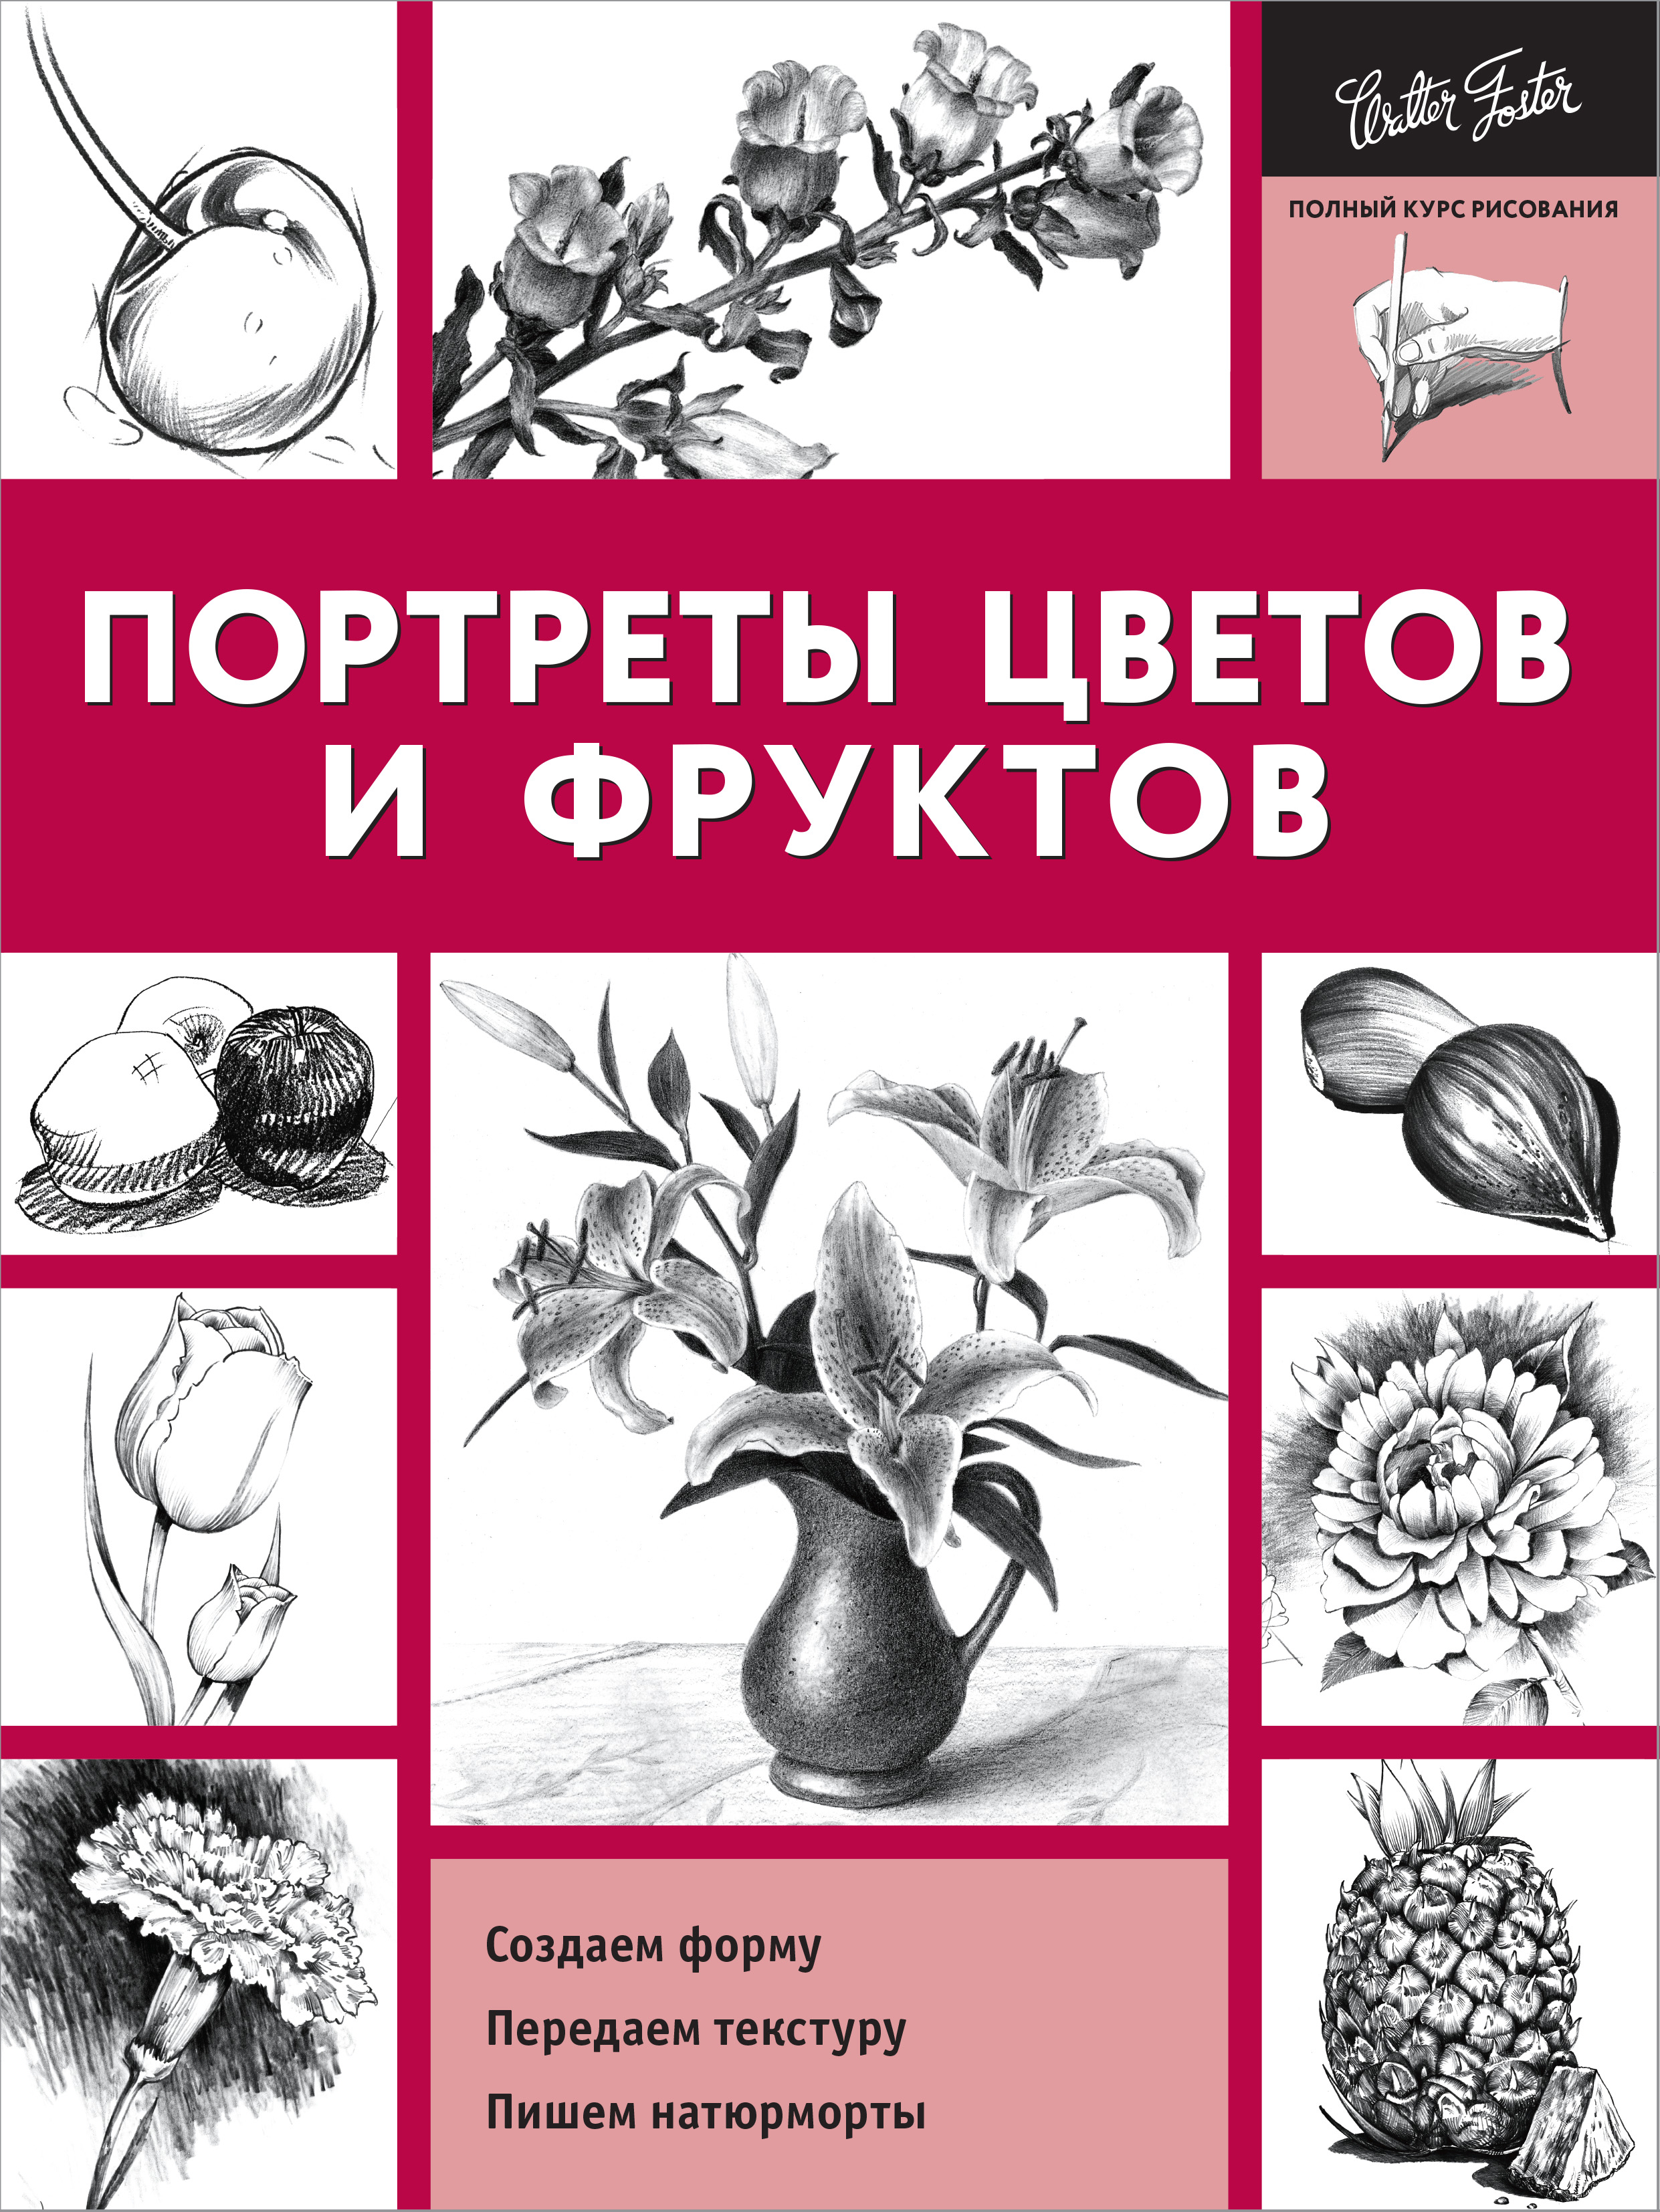 Портреты цветов и фруктов